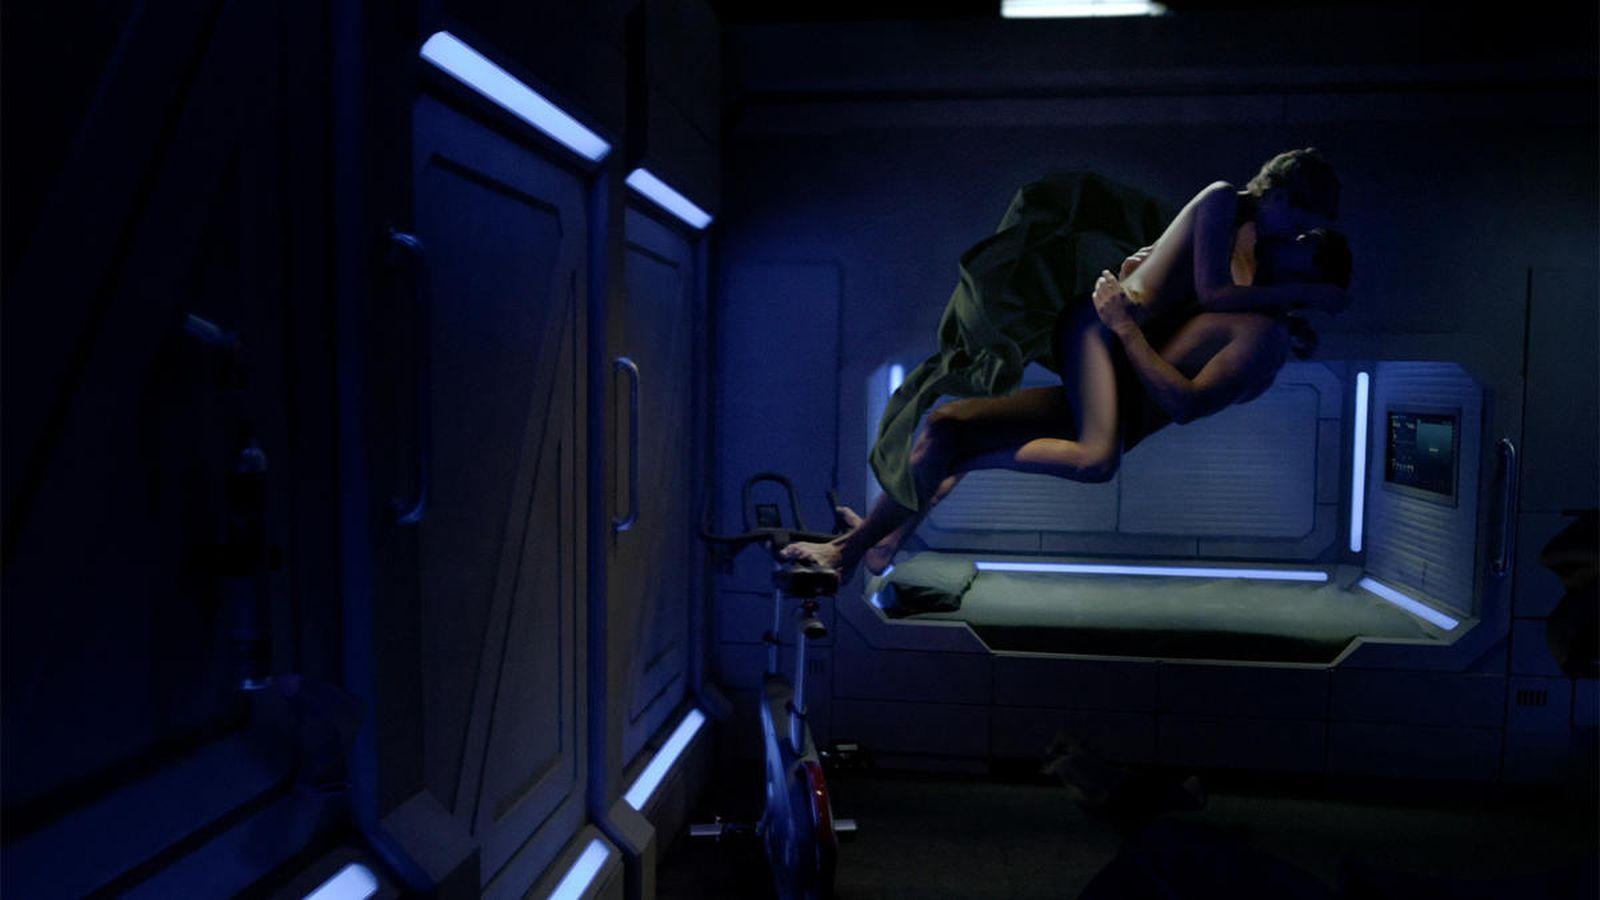 Космос секс в космосе